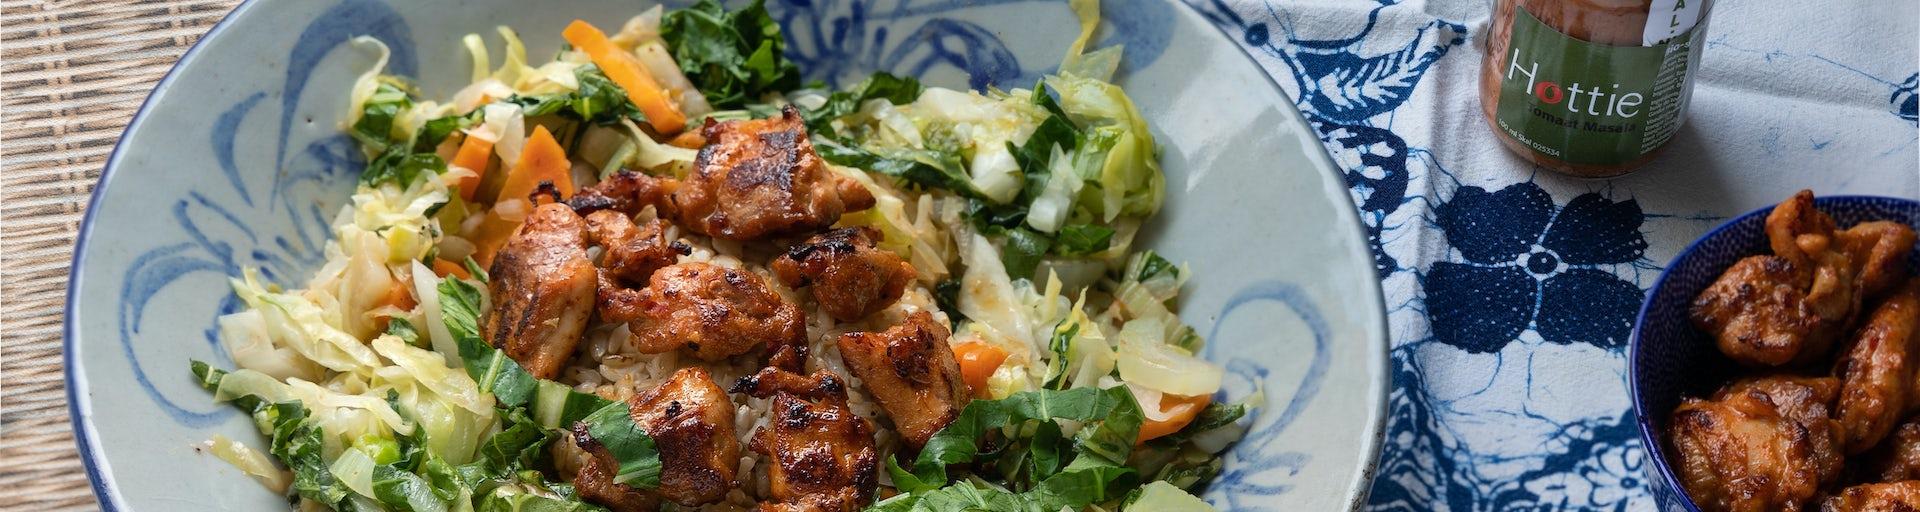 Wk 52 Indonesische kip spitskool paksoit hottie sambal